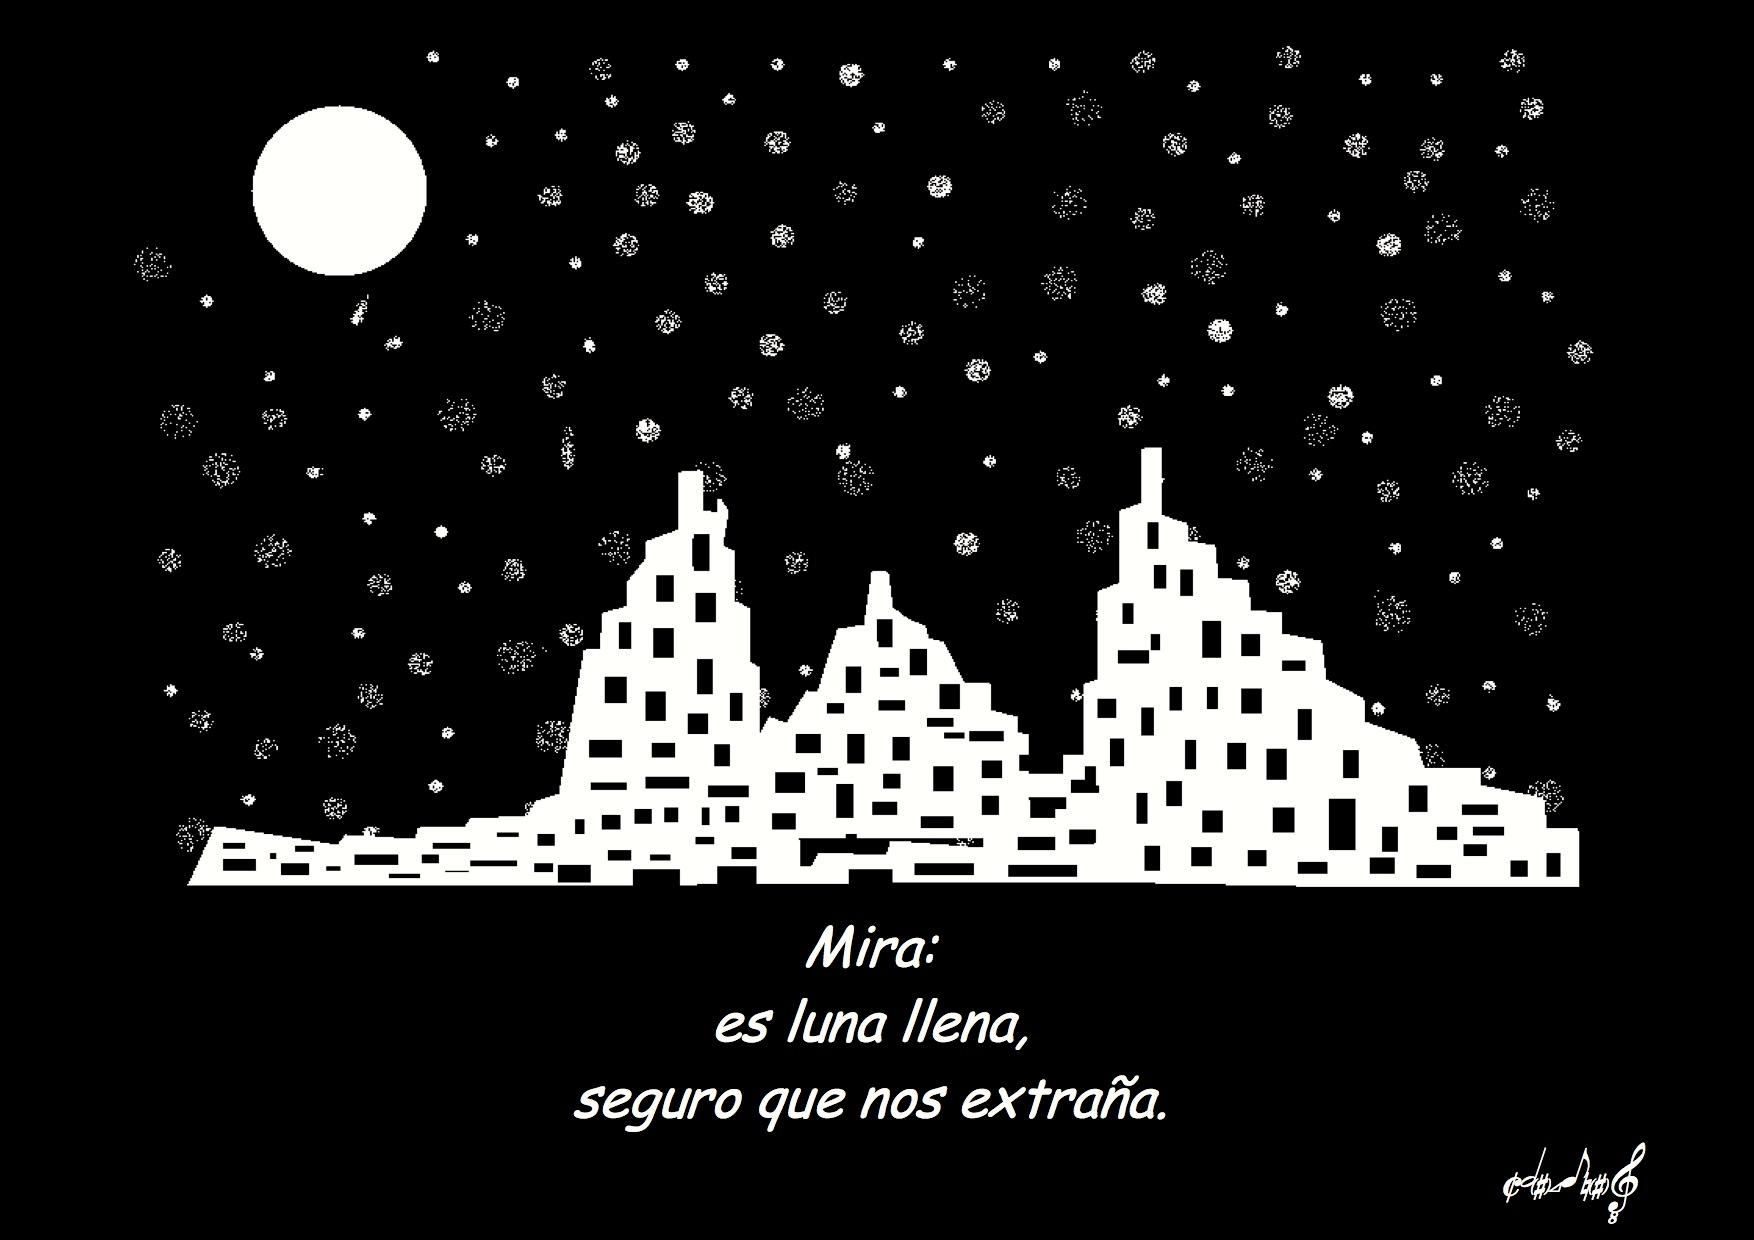 POEMAS_PINTURAS_miralunallenade_Chalena